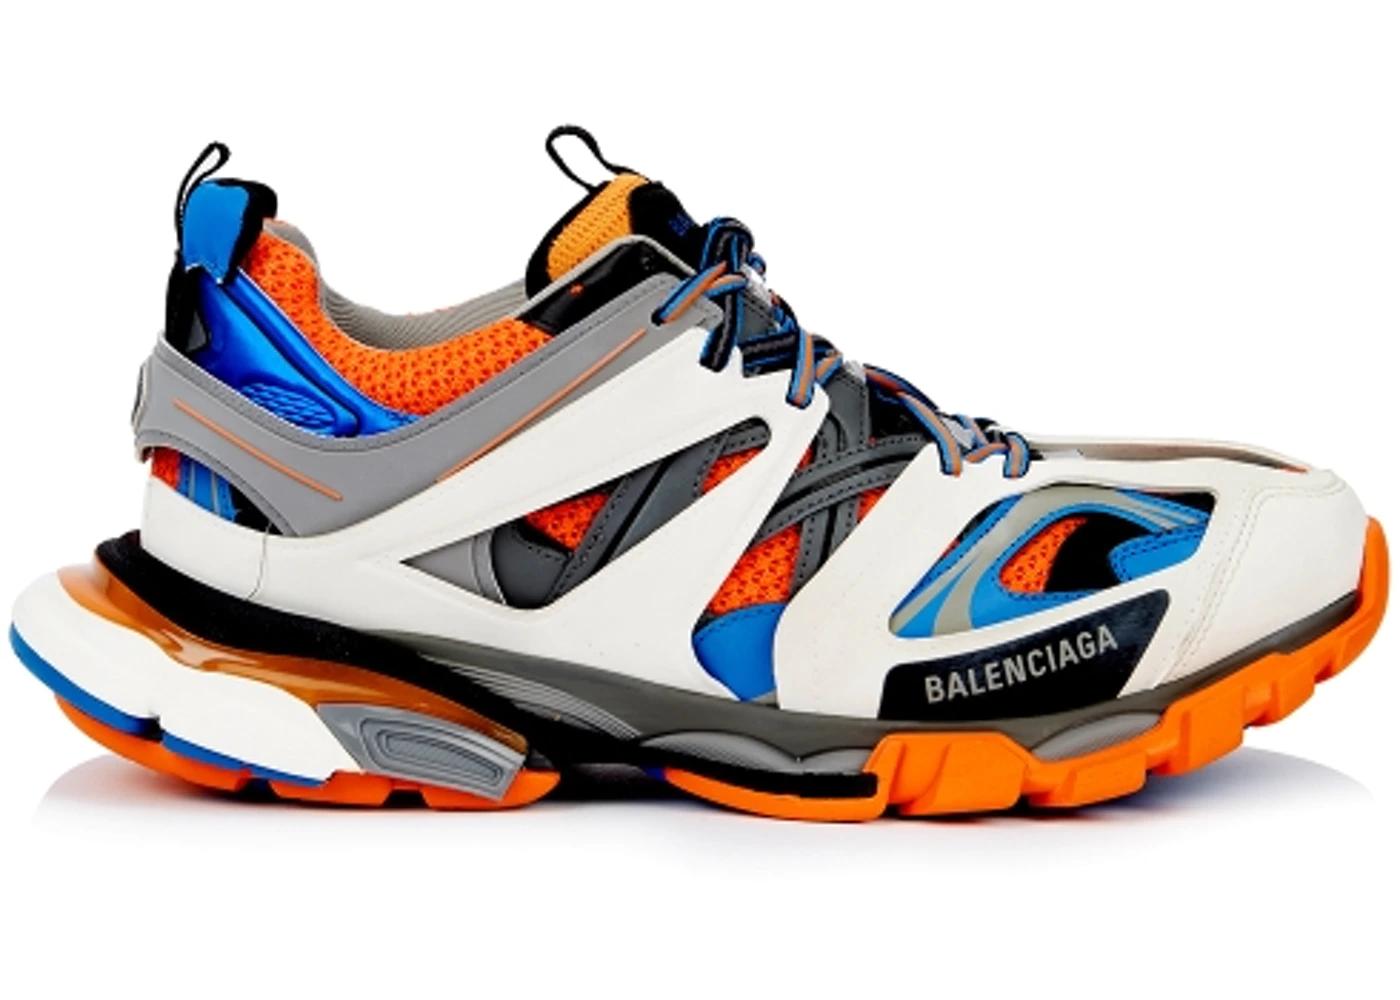 Balenciaga Track 3.0 có rất nhiều bản màu dành cho bạn tham khảo